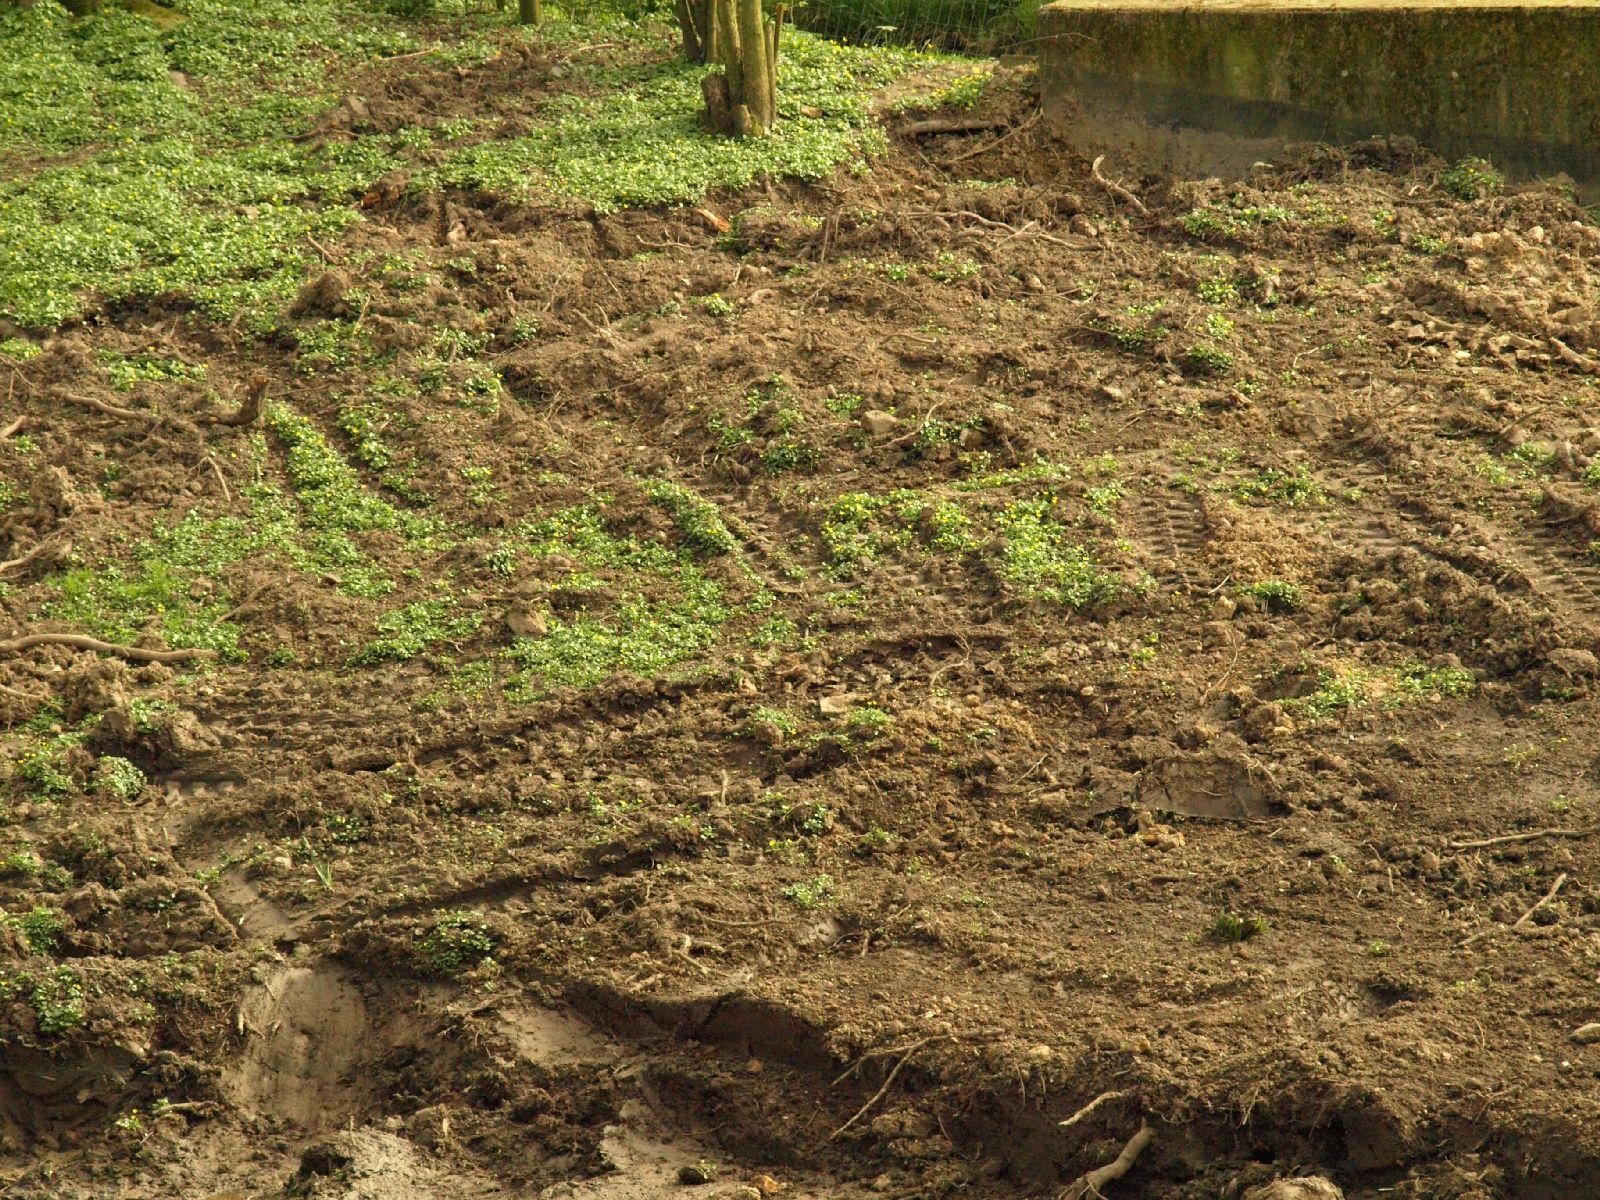 Boden-Gras-Moos-Blumen_Textur_A_P4091800